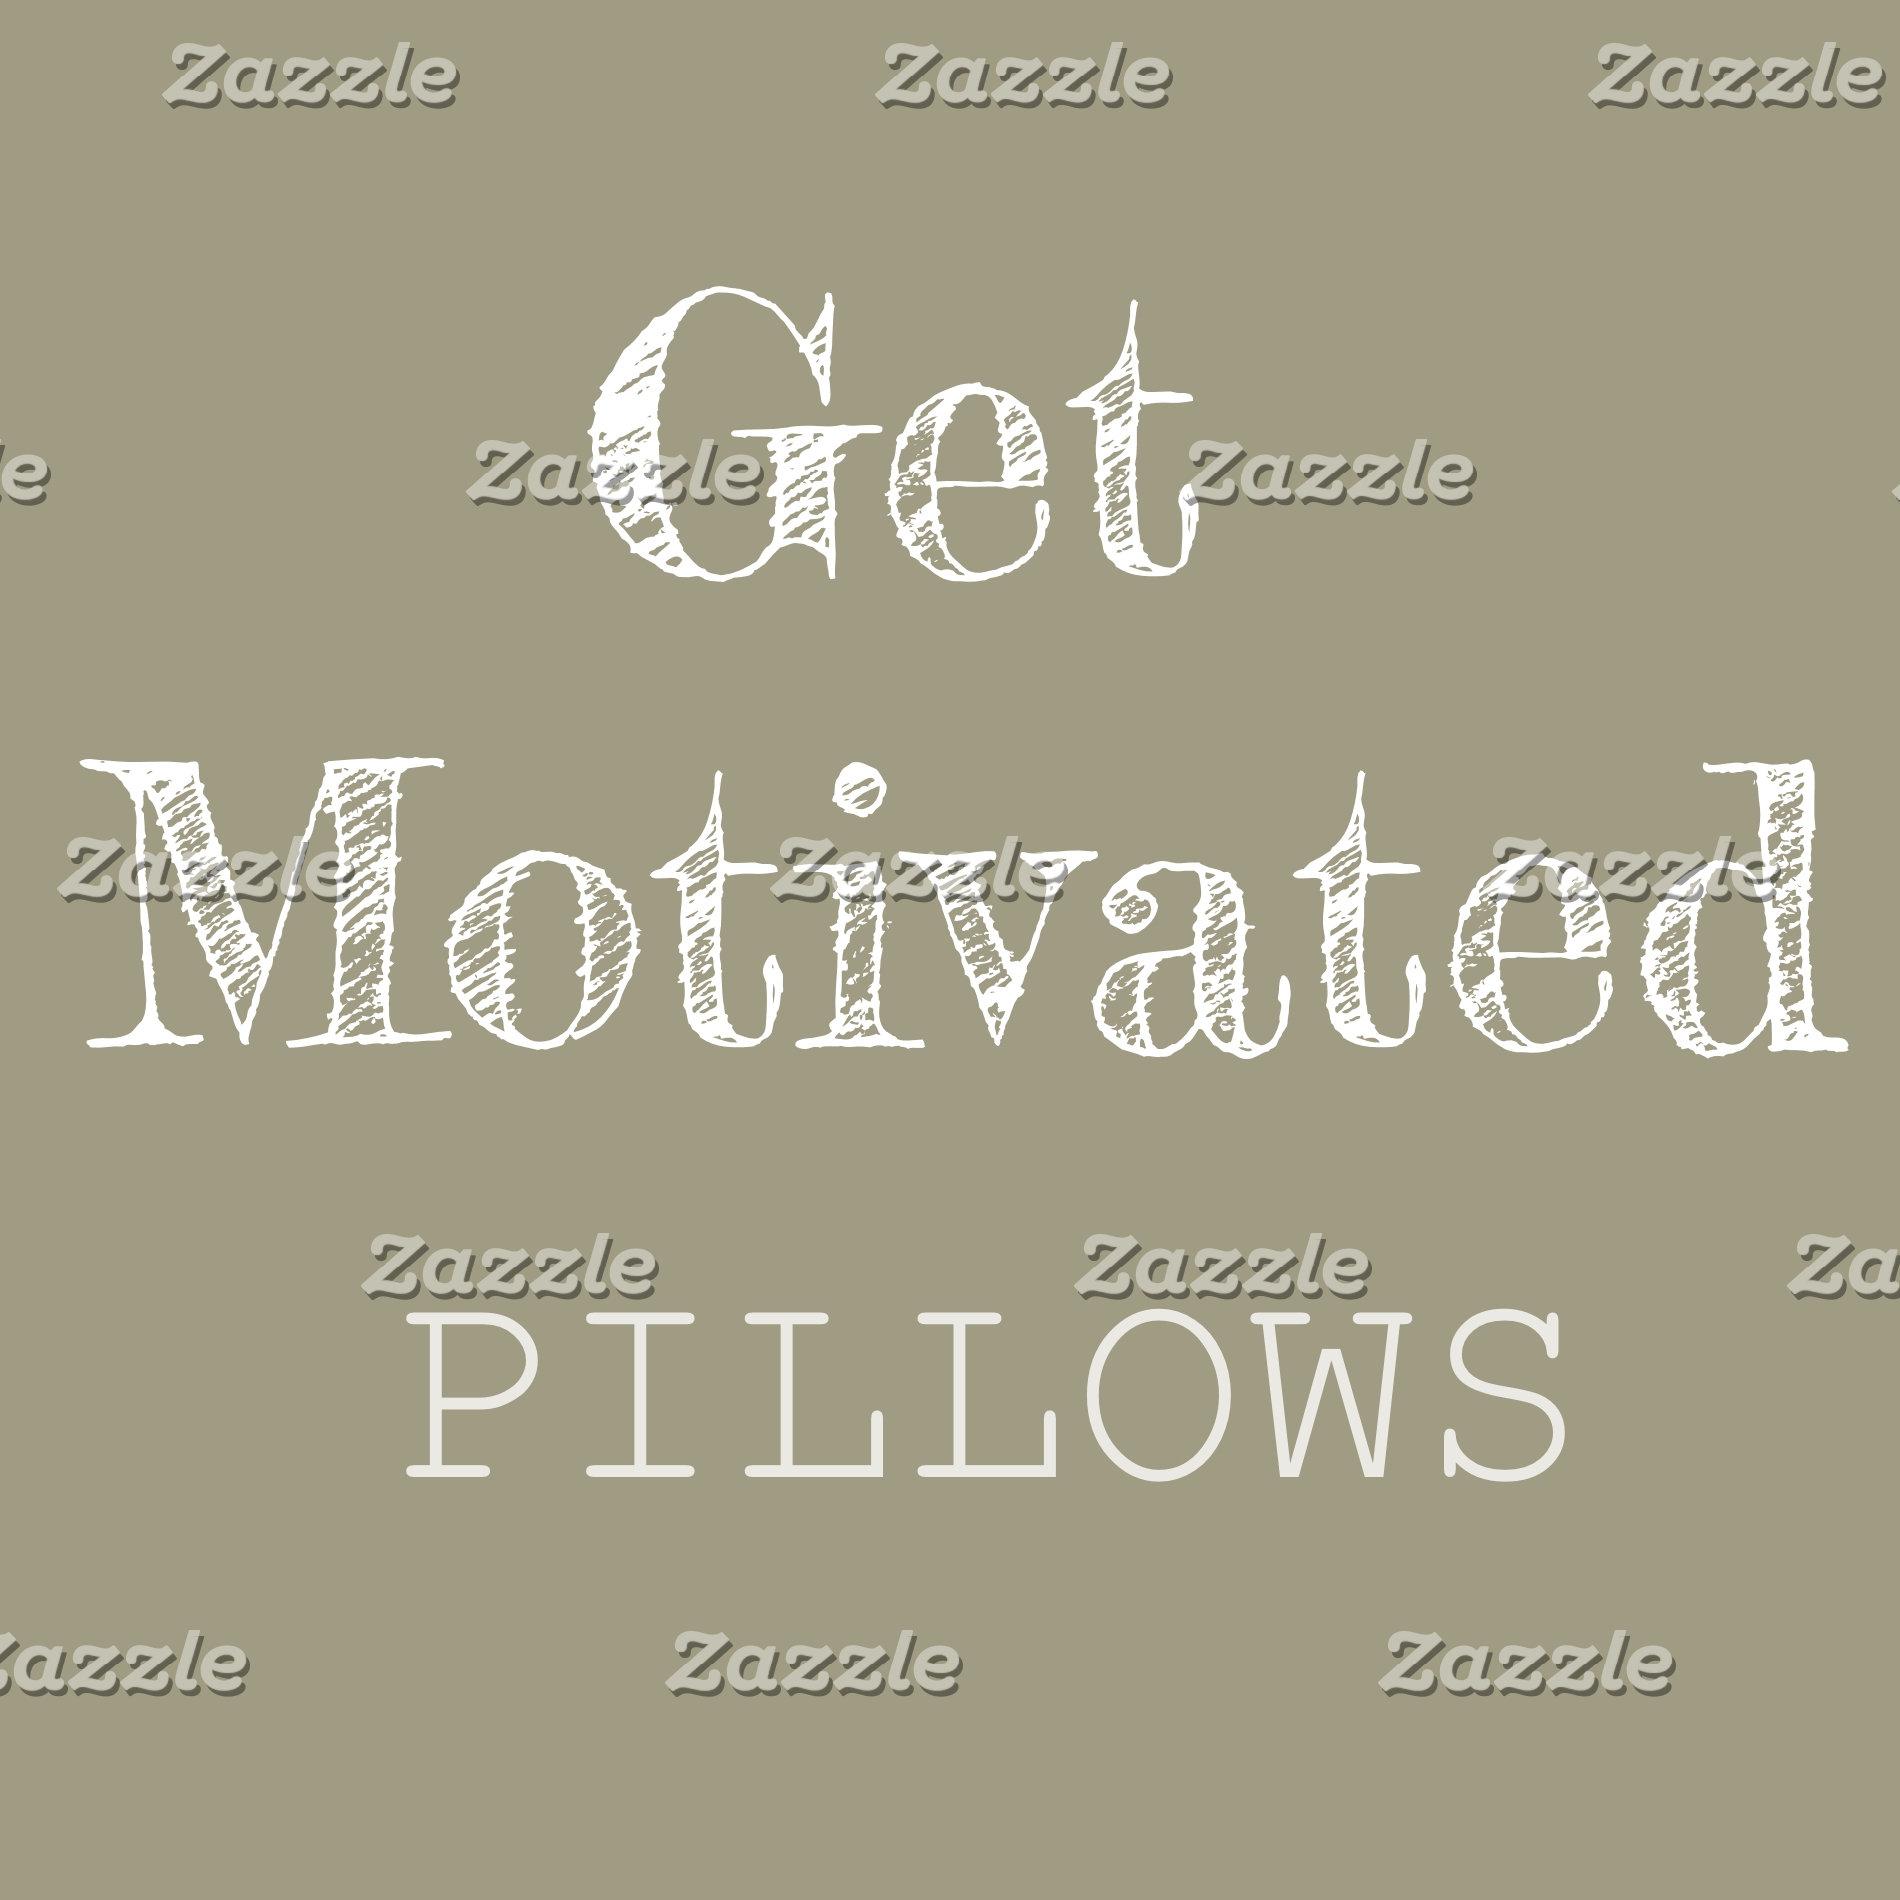 Inspirational Pillows